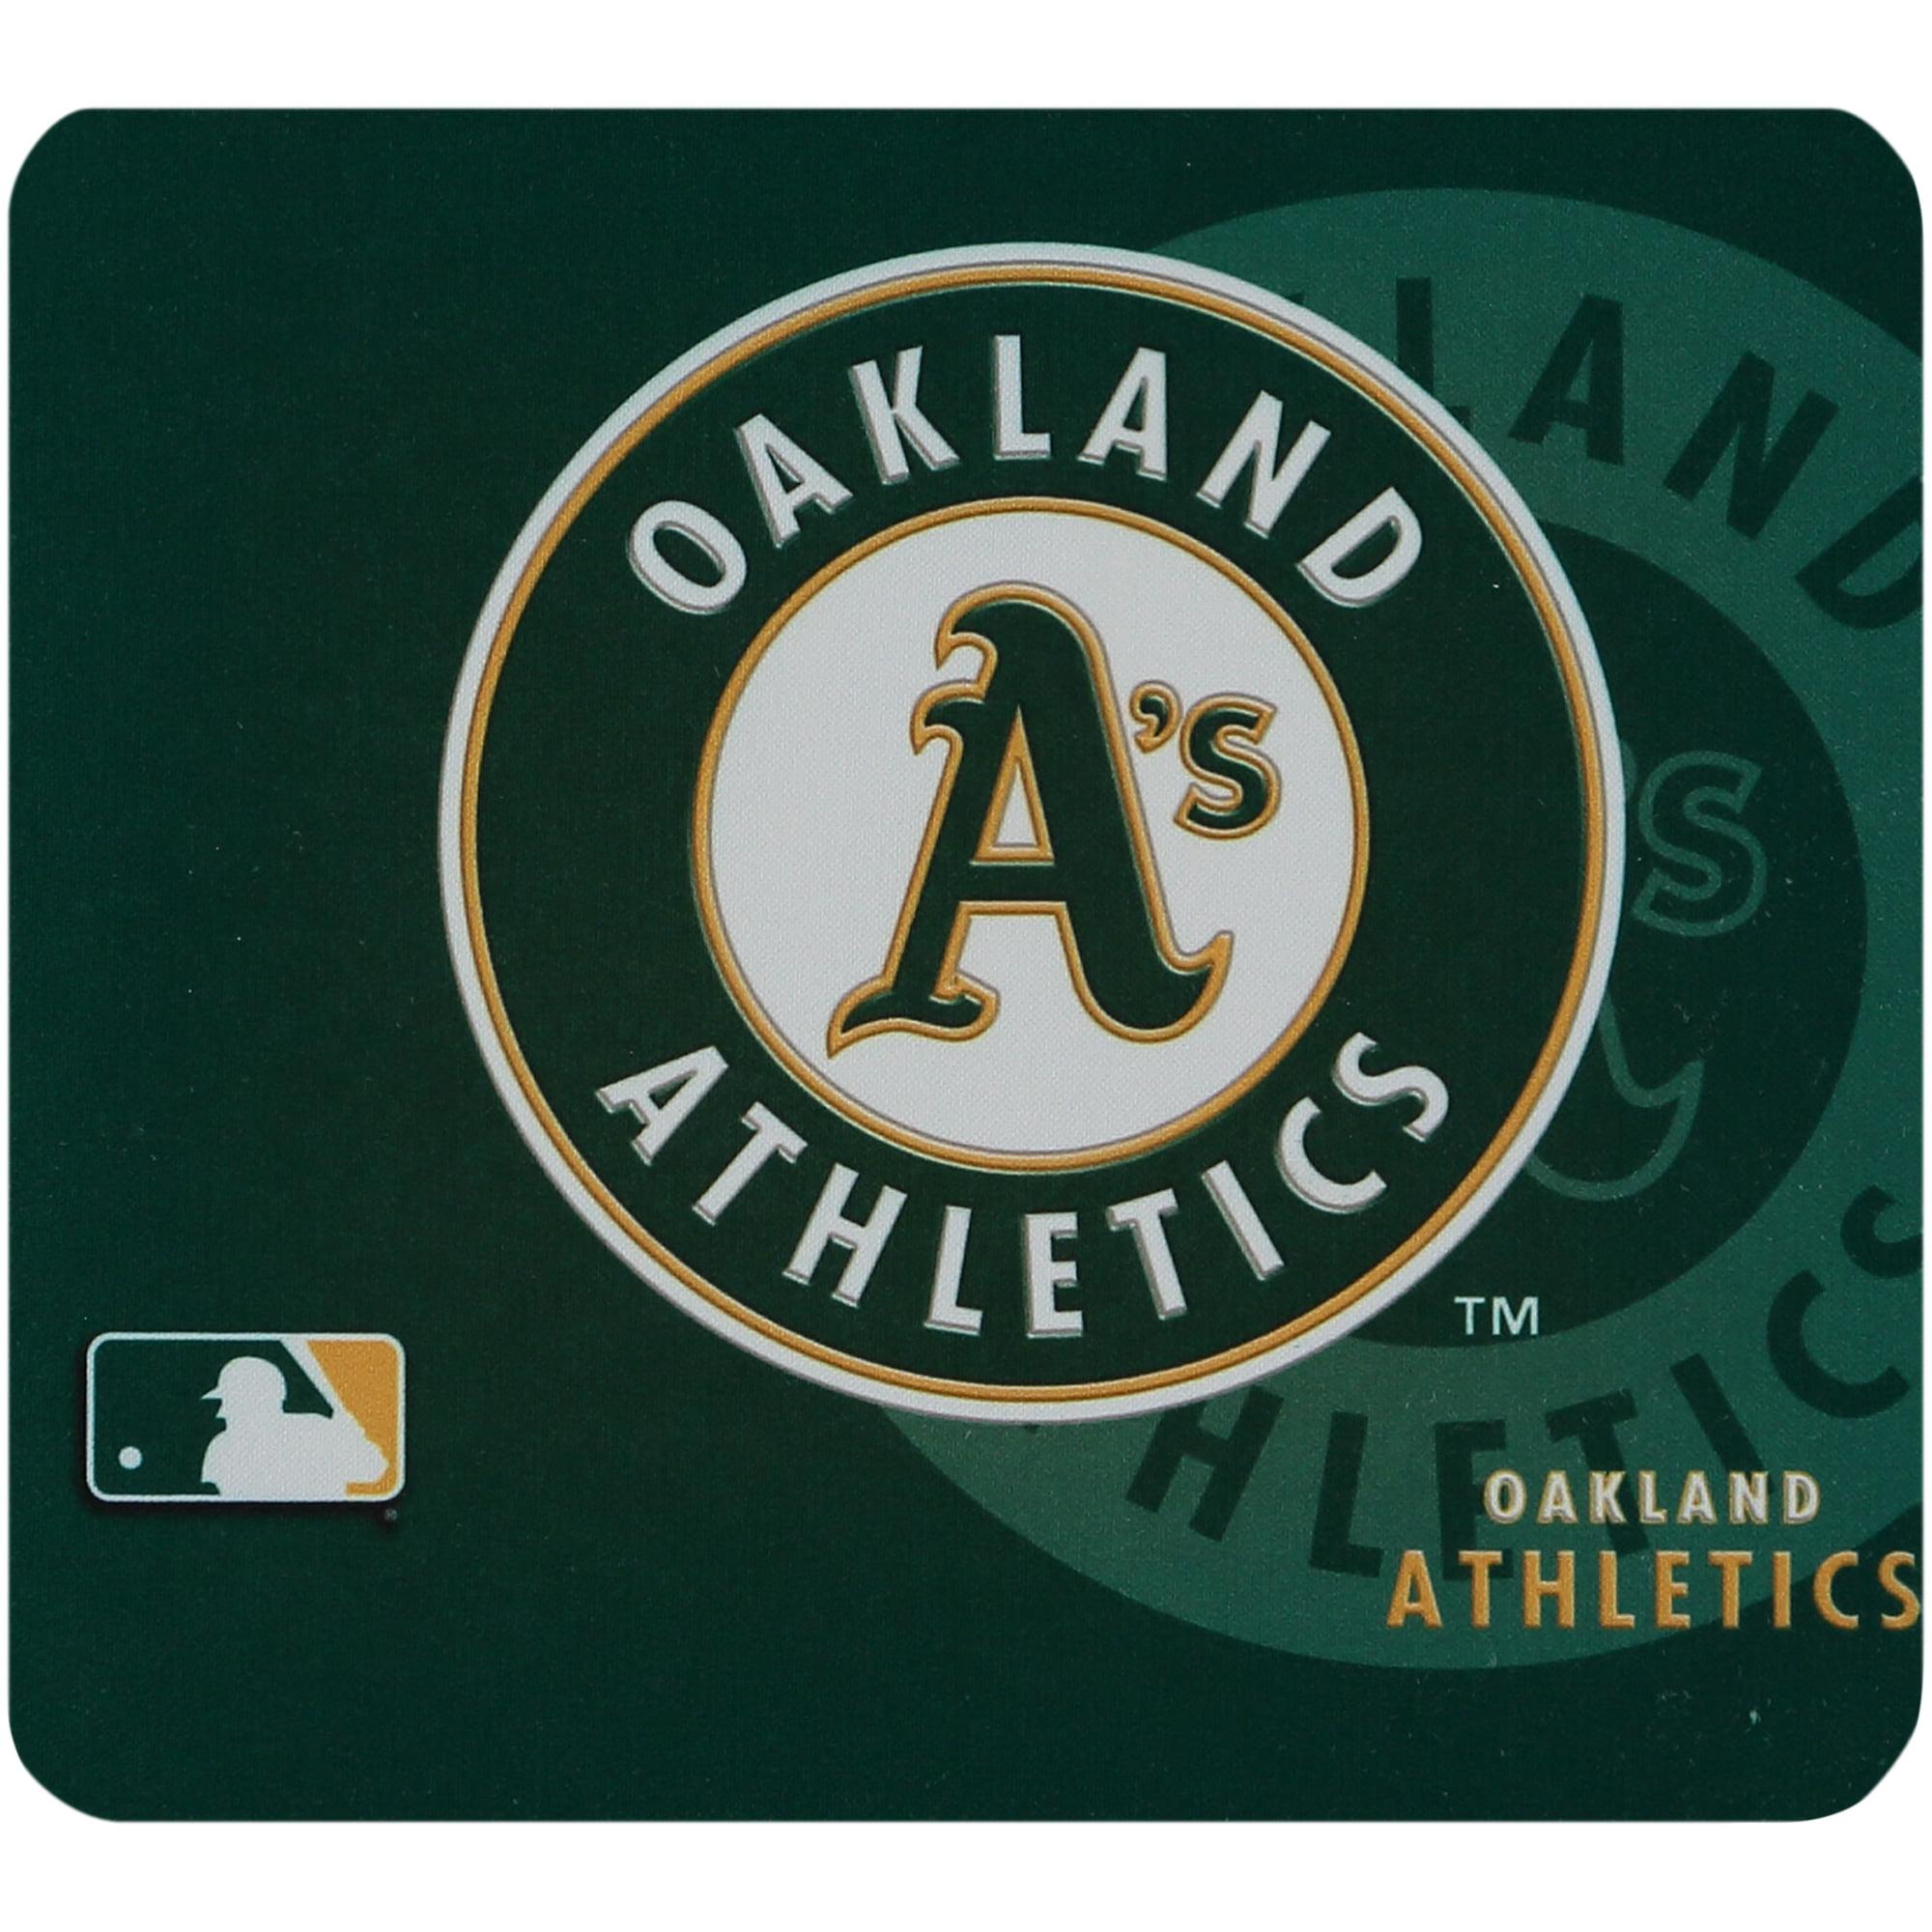 Oakland Athletics 3D Mouse Pad - No Size